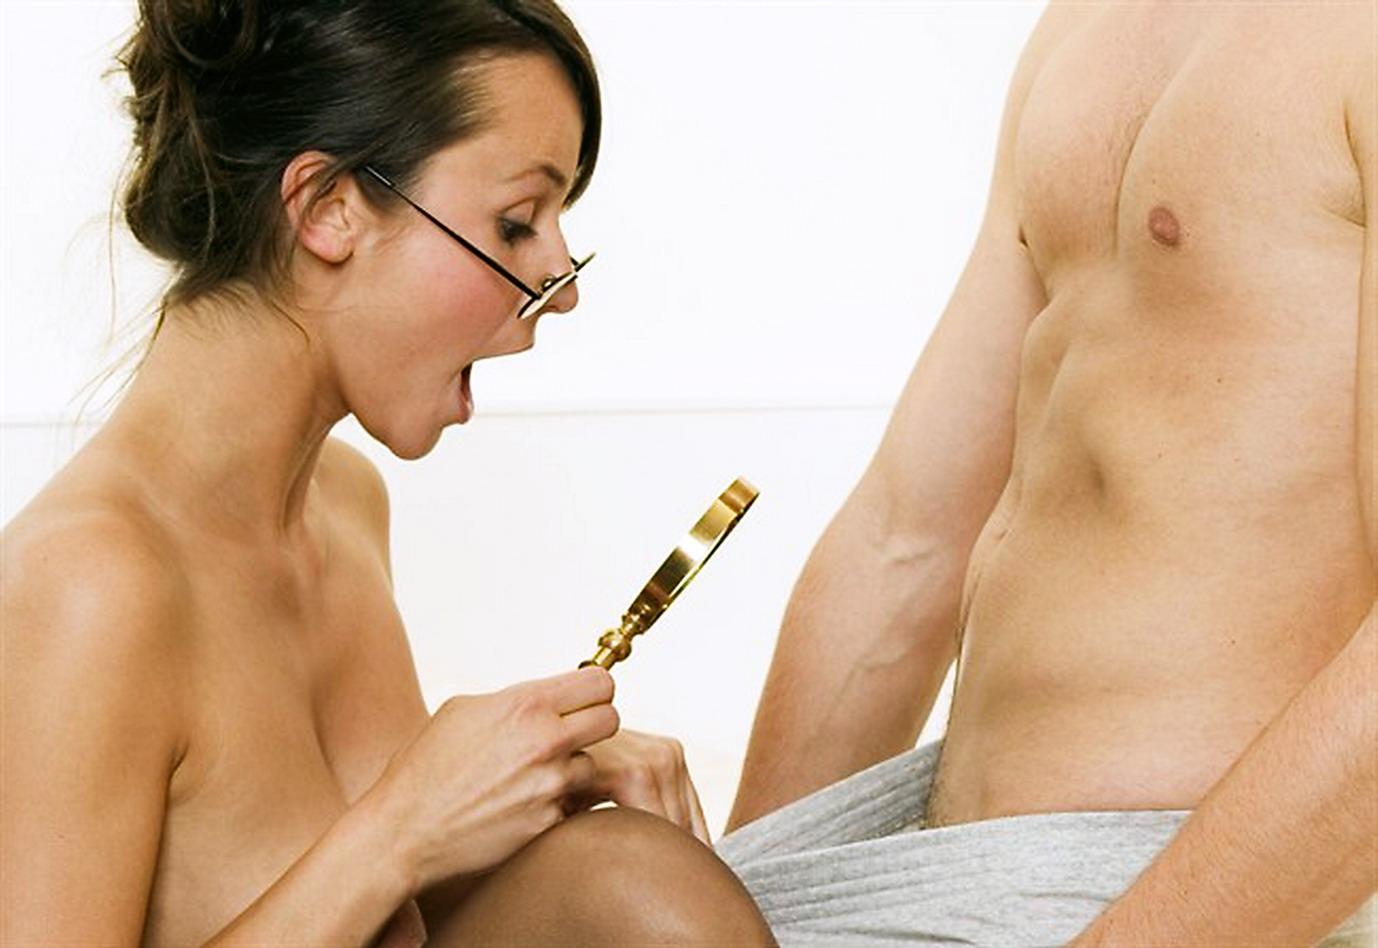 massaggio genitale come prostituirsi